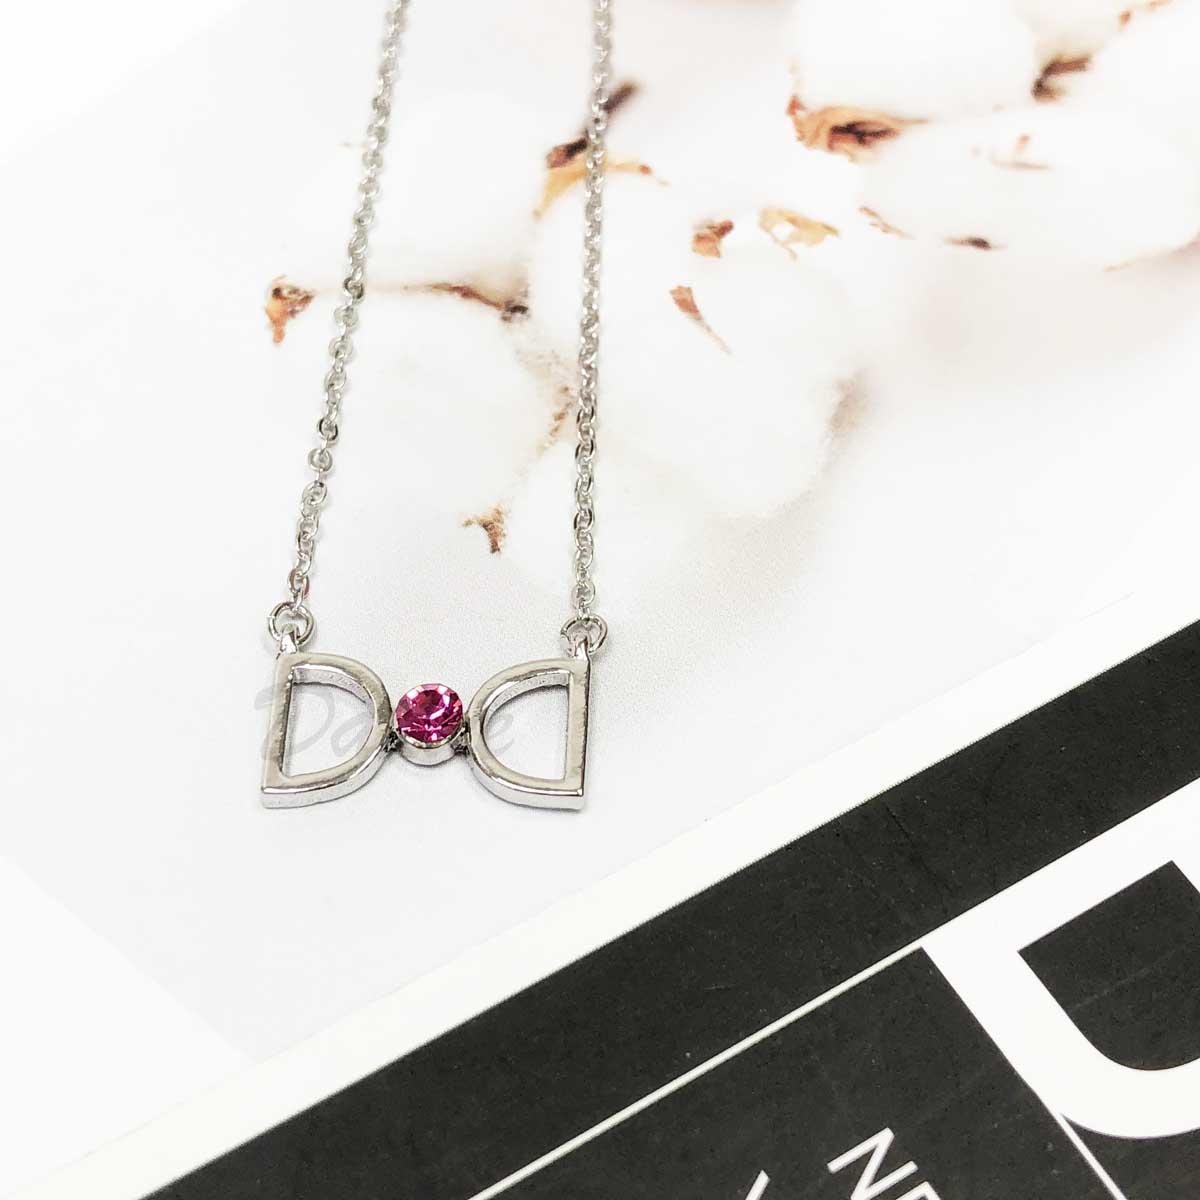 韓國 對稱雙D 粉紅單鑽 氣質款 水鑽項鍊